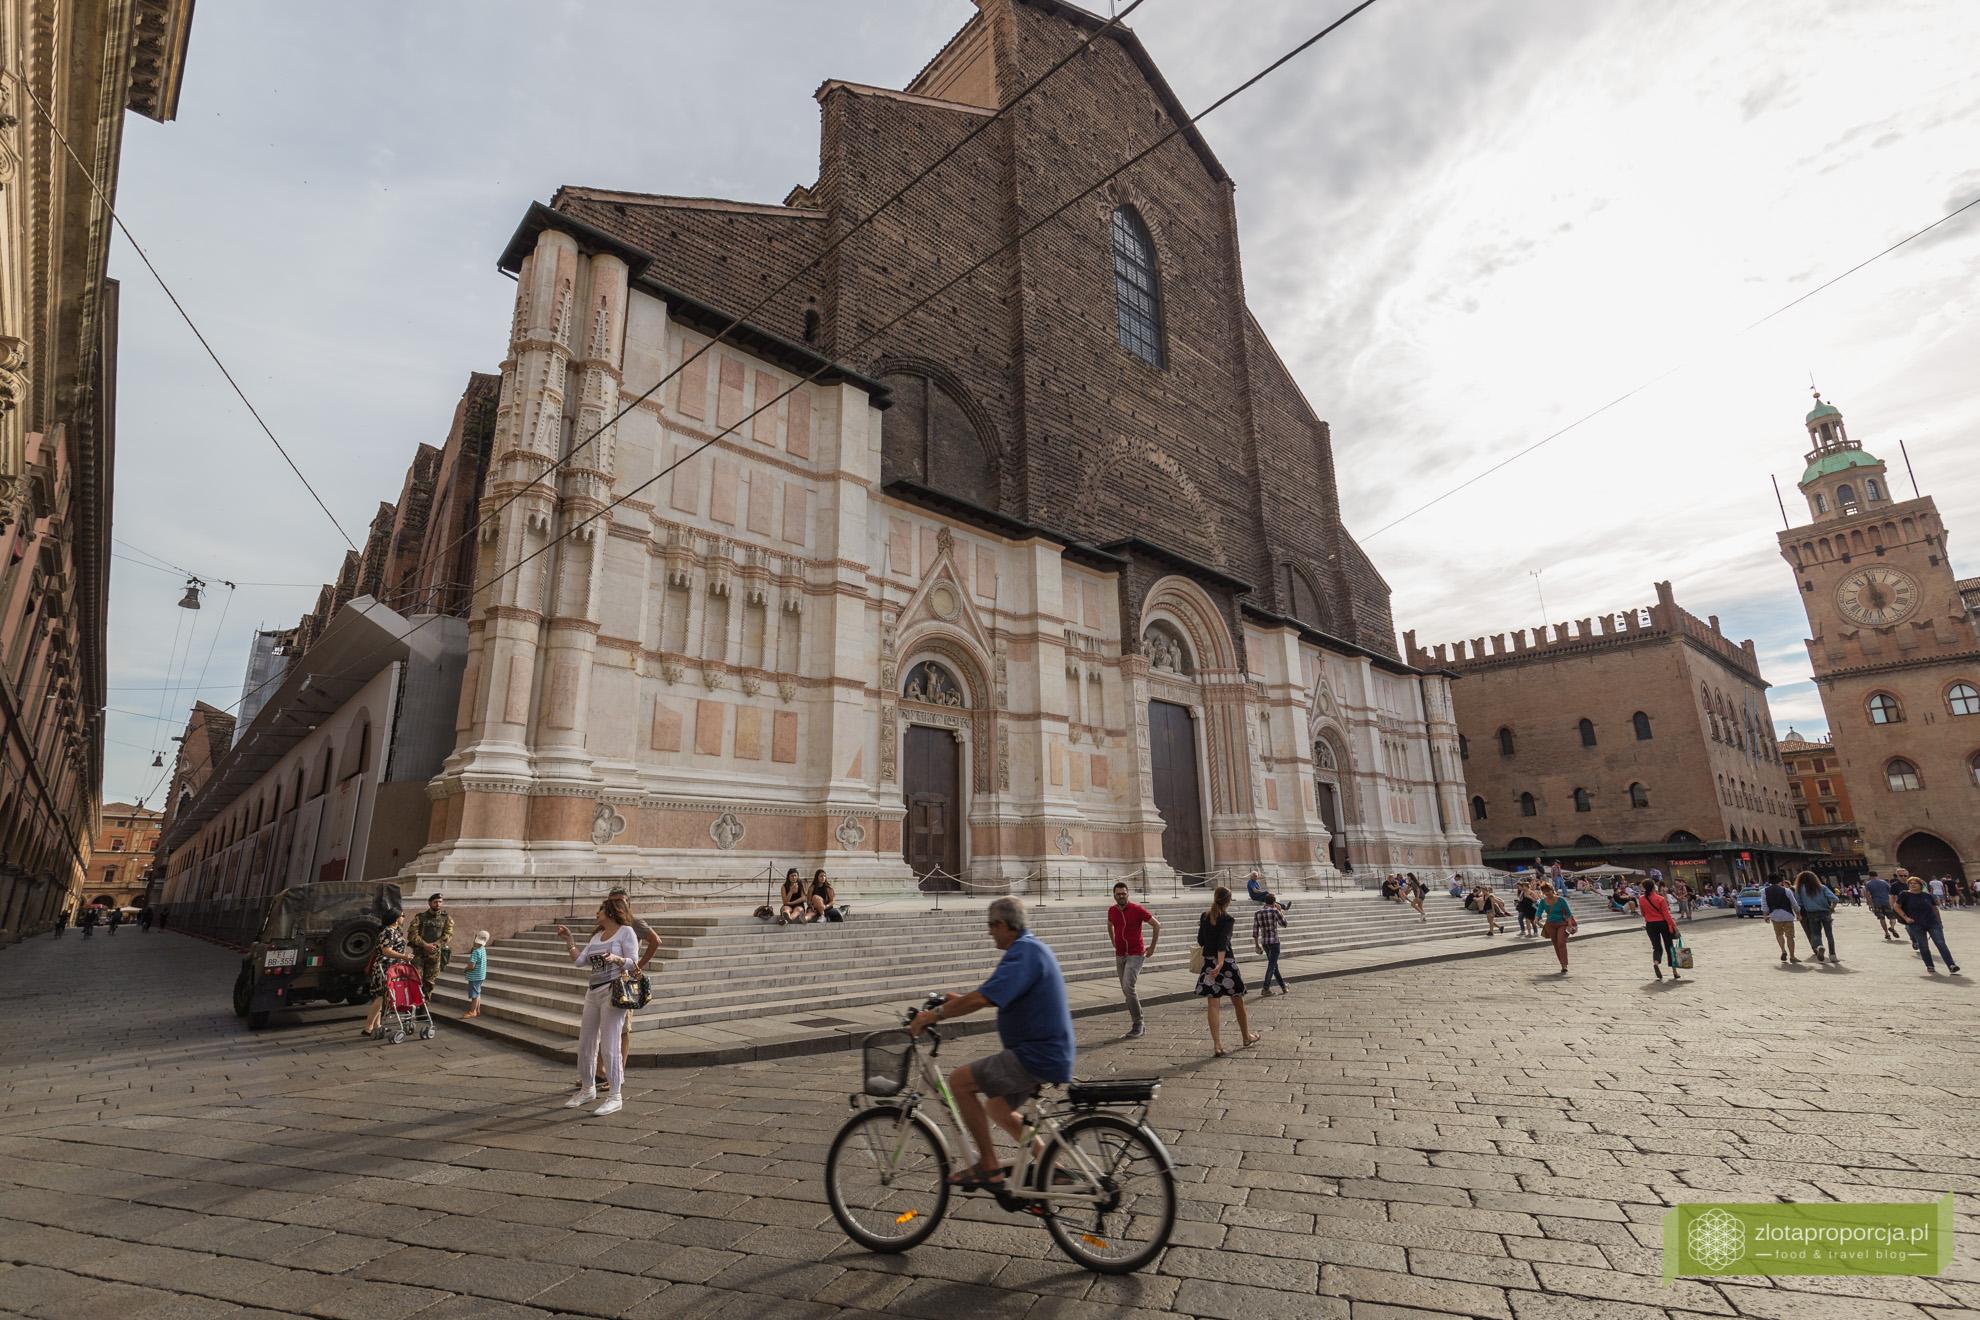 Bolonia, atrakcje Bolonii, zwiedzanie Bolonii, Piazza Maggiore, Bazylika San Petronio, Emilia Romania,